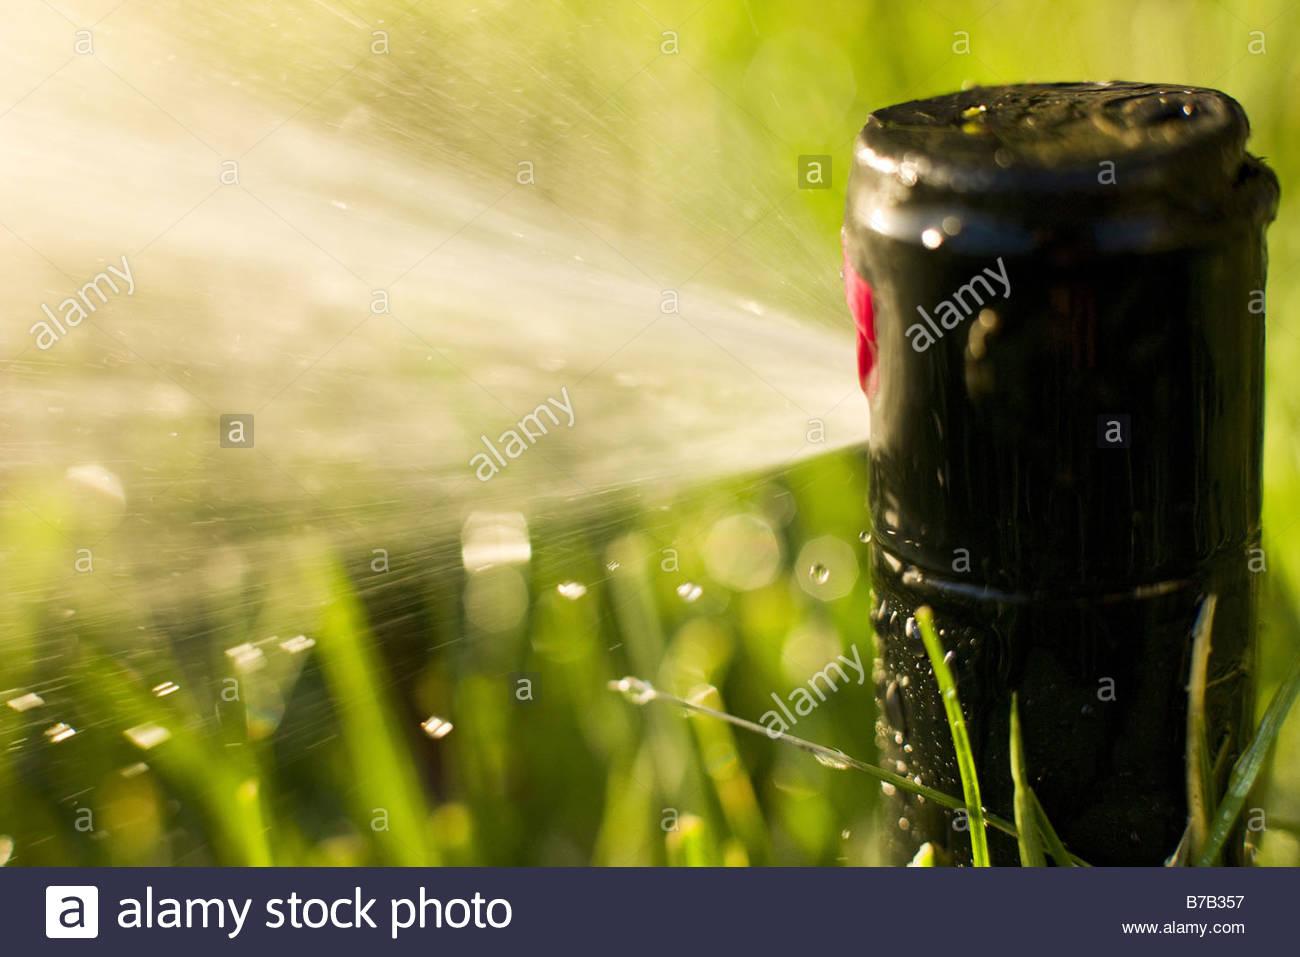 Close up of sprinkler spraying water - Stock Image